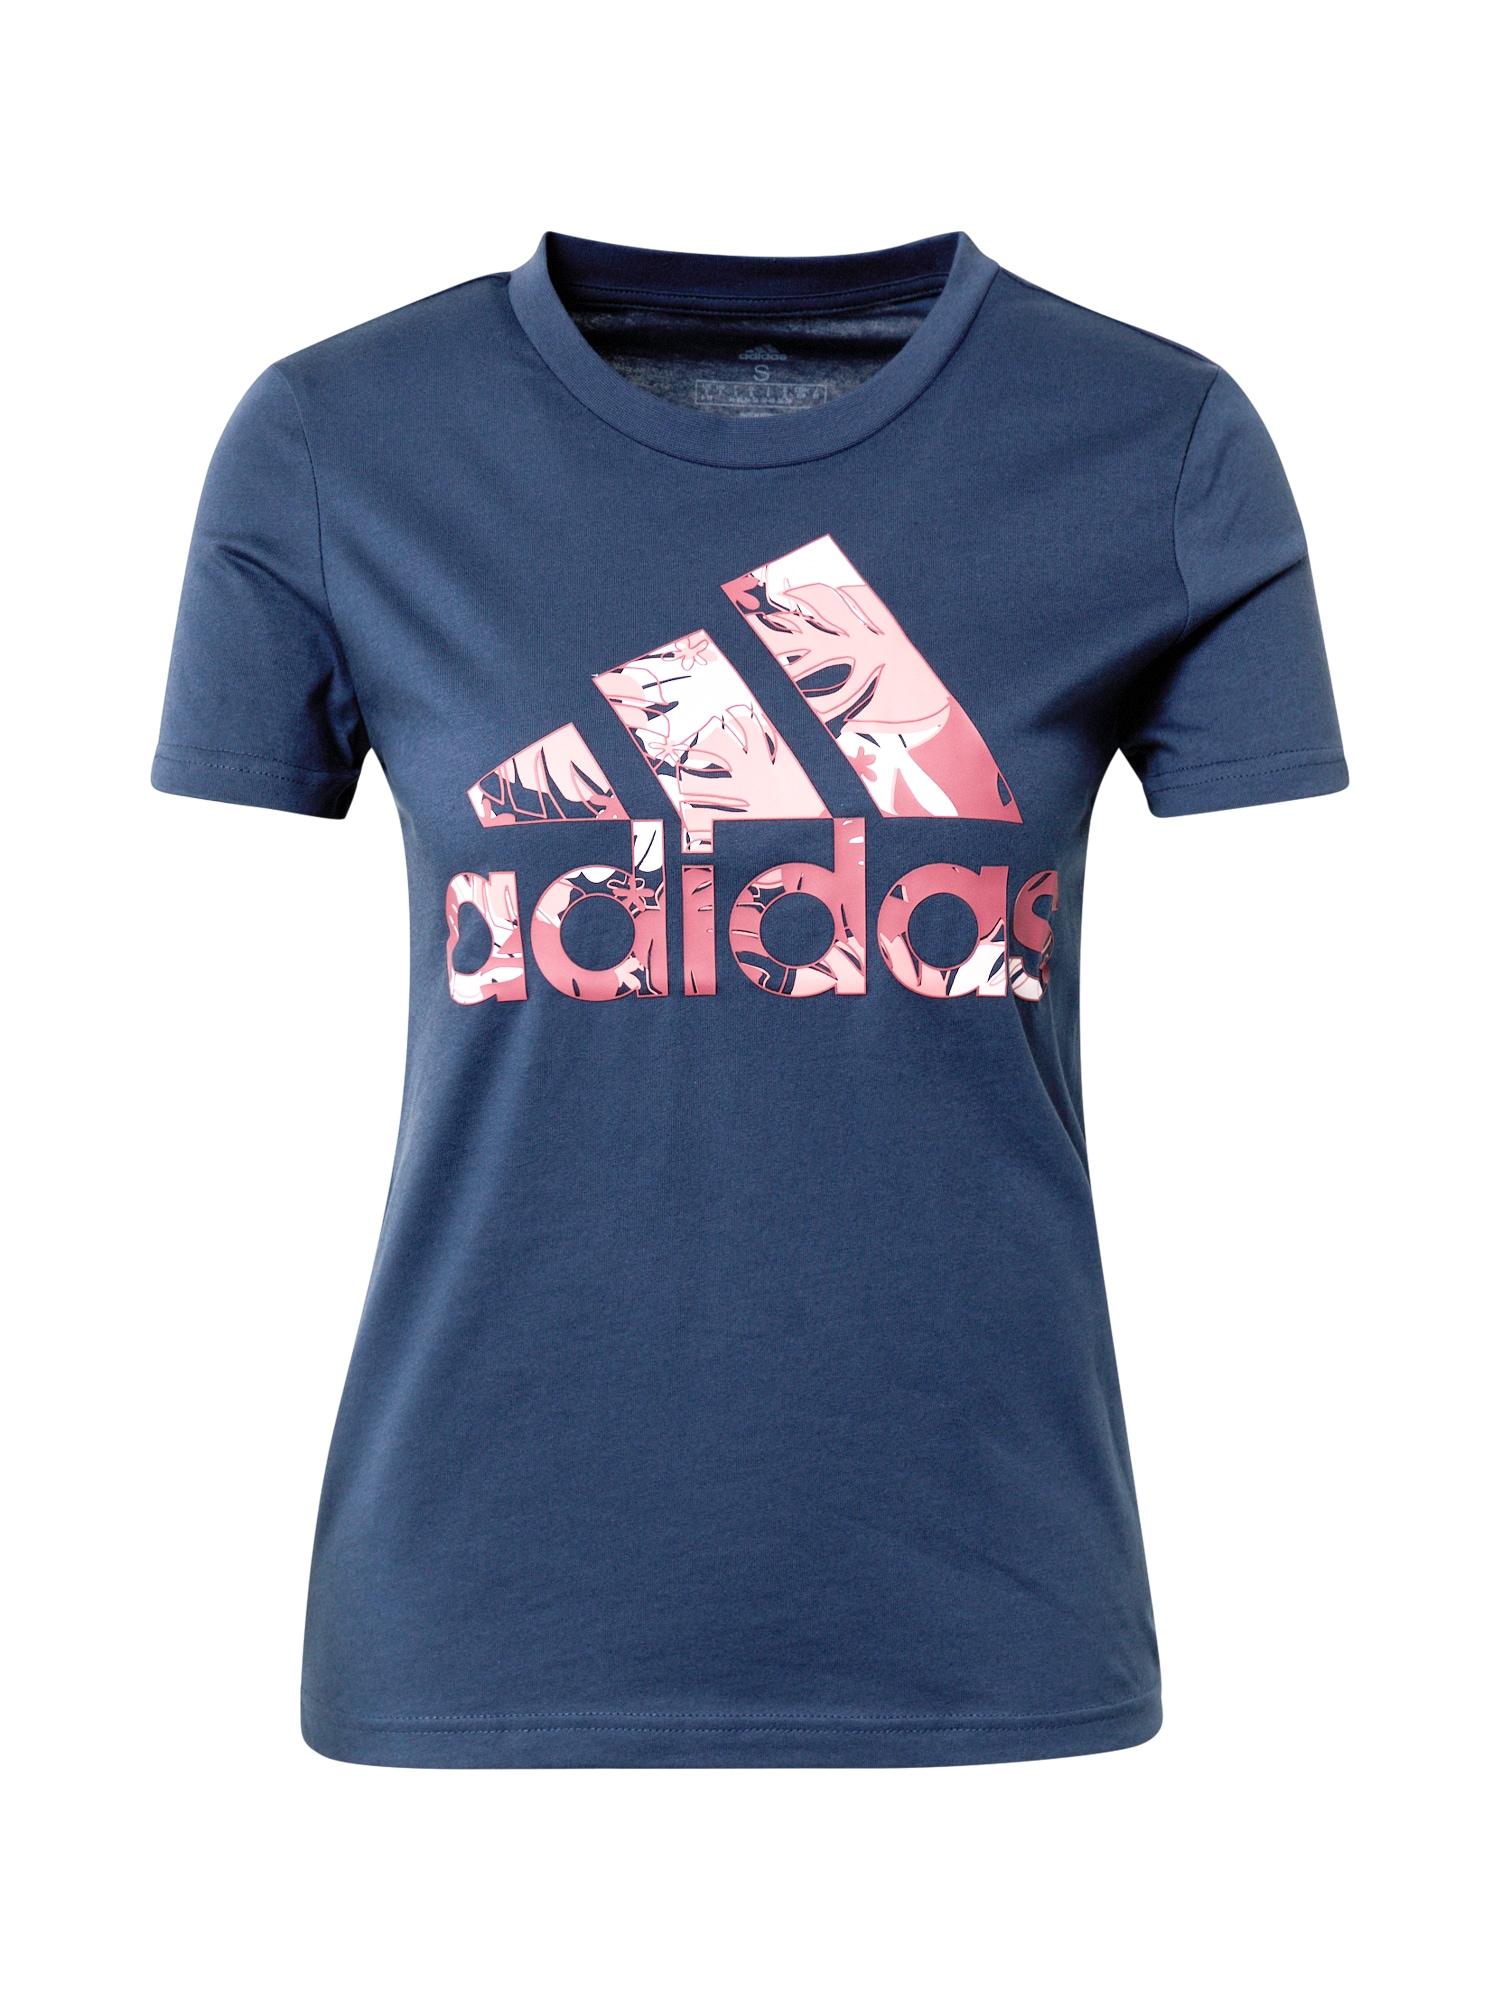 ADIDAS PERFORMANCE Sportiniai marškinėliai tamsiai mėlyna / rožių spalva / balta / rožinė